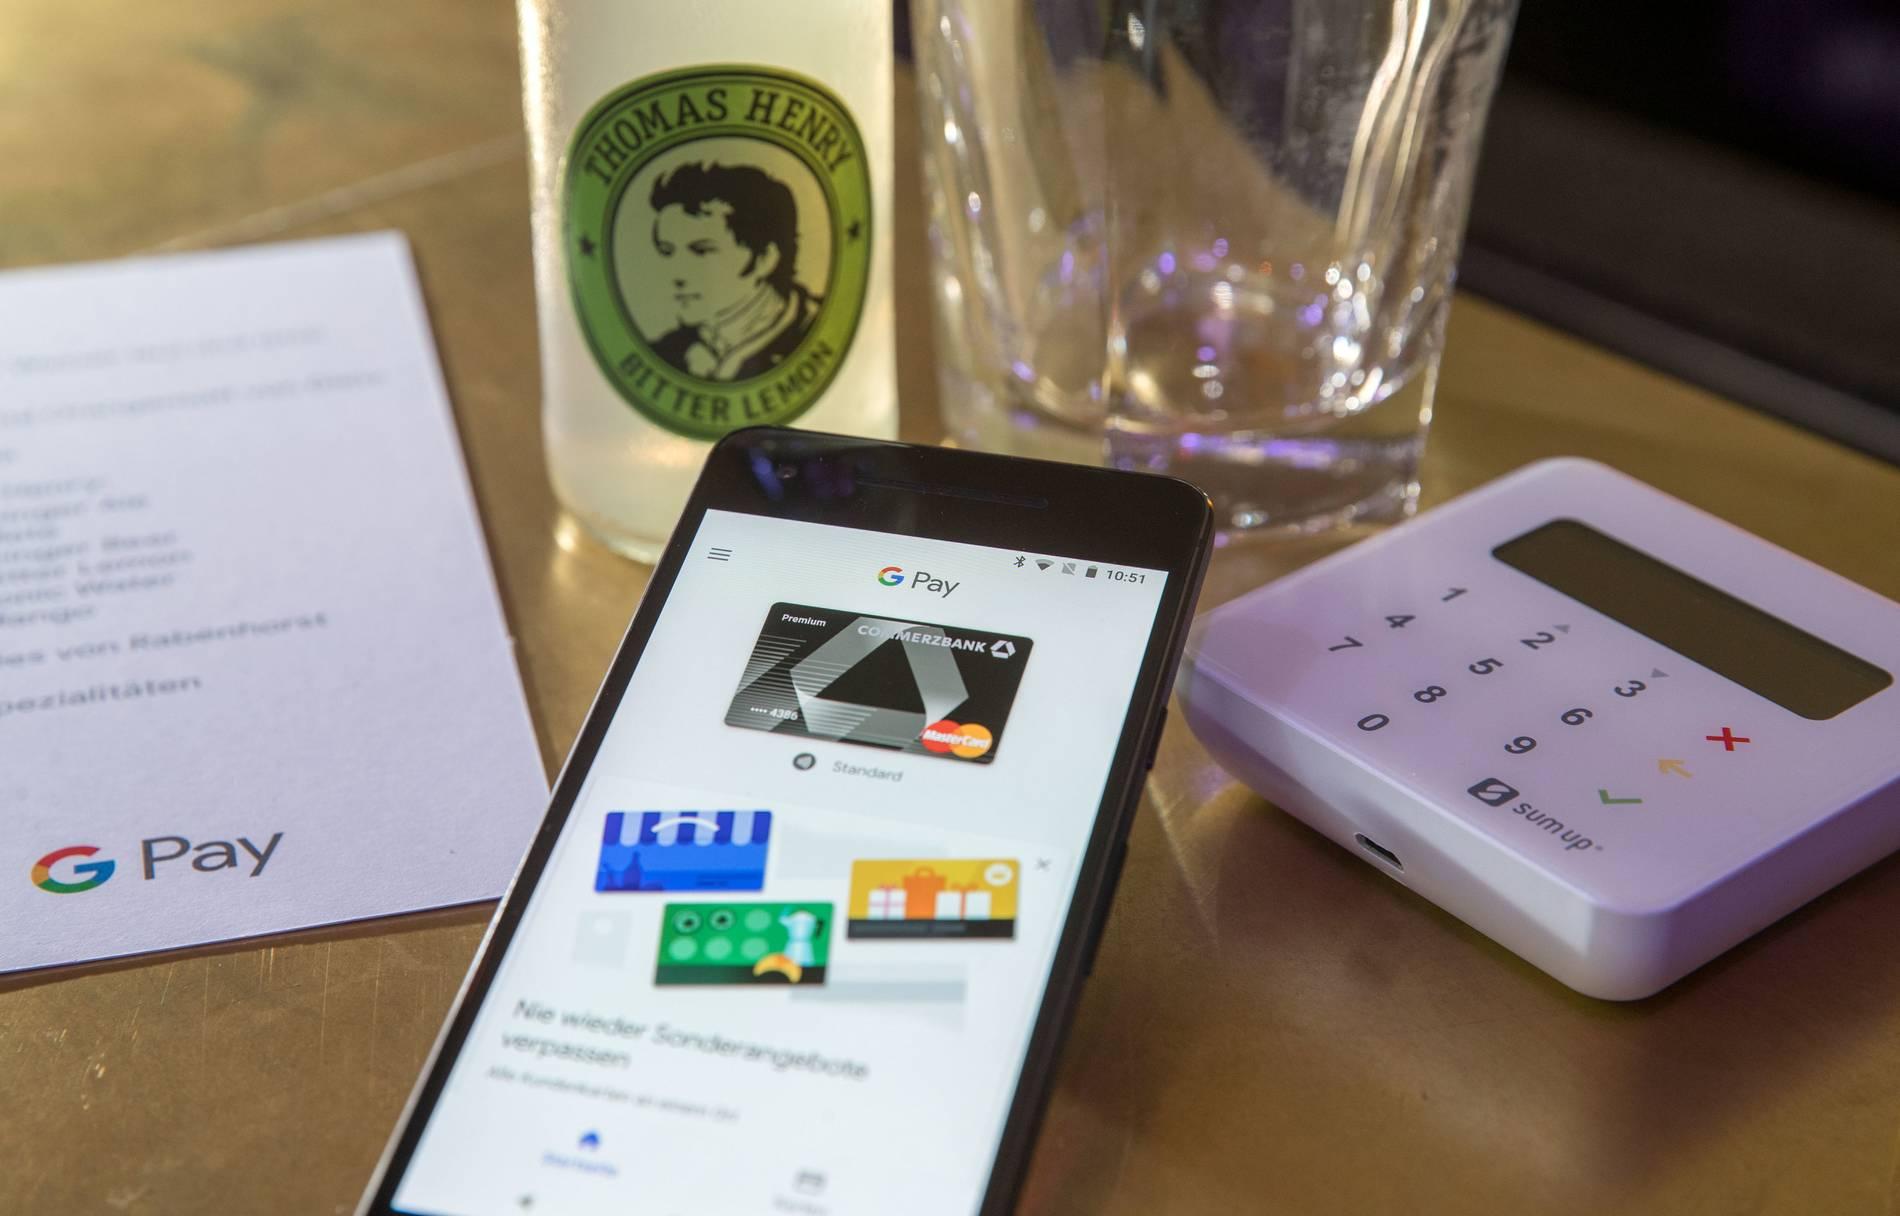 Die Einsatzmöglichkeiten der NFC-Technologie sind in Deutschland noch weitgehend unbekannt